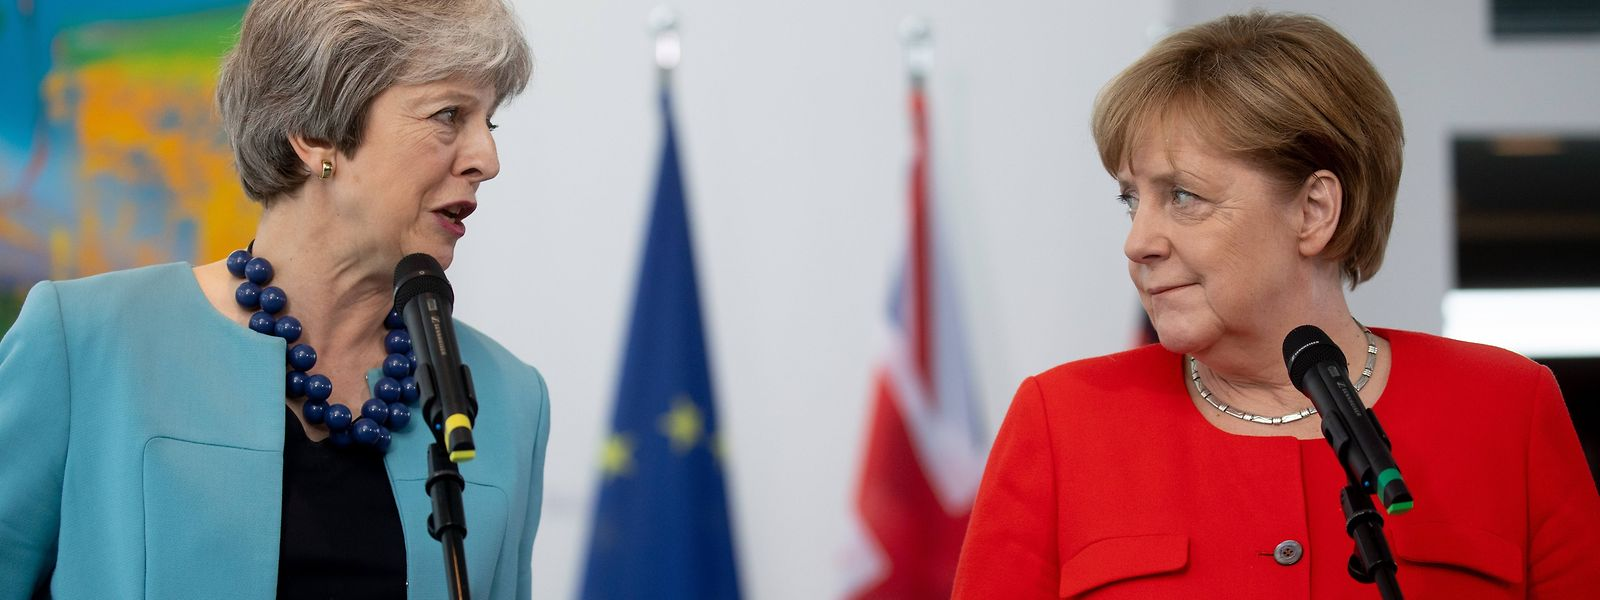 May wird sich unter anderem mit der deutschen Kanzlerin treffen.